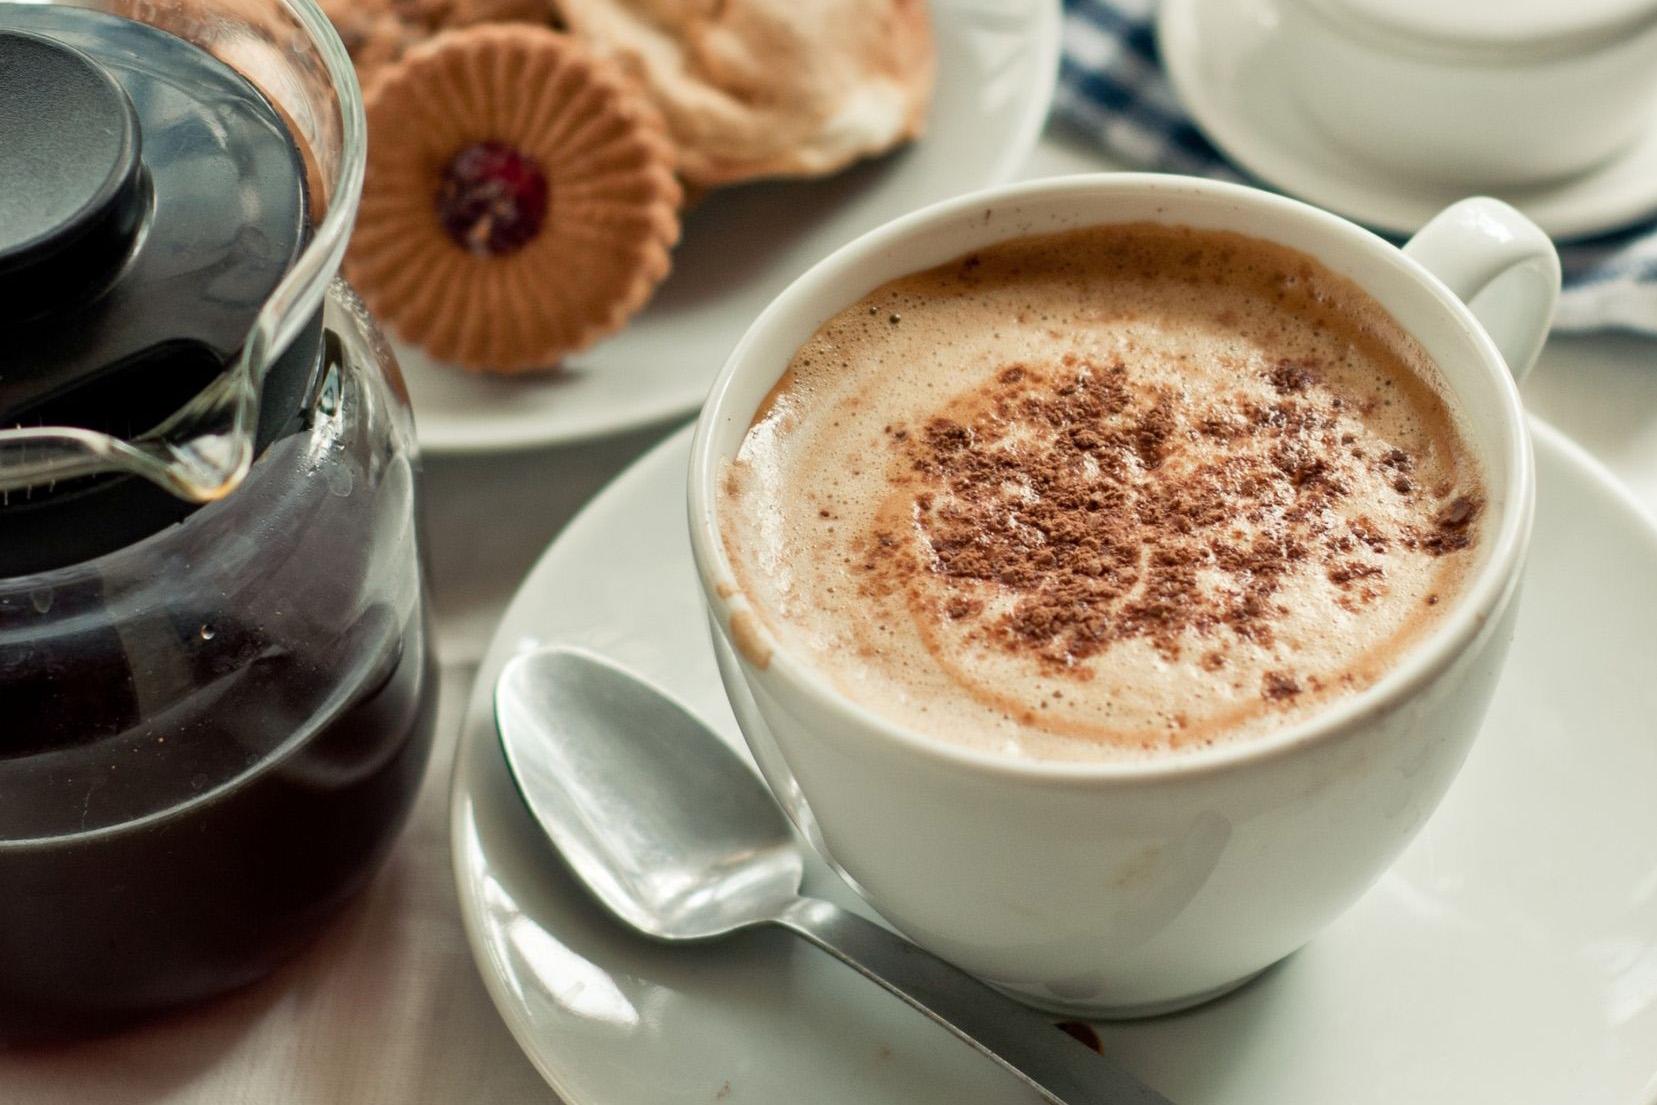 segít a kávé a fogyásban dinitrofenol fogyás mechanizmusa